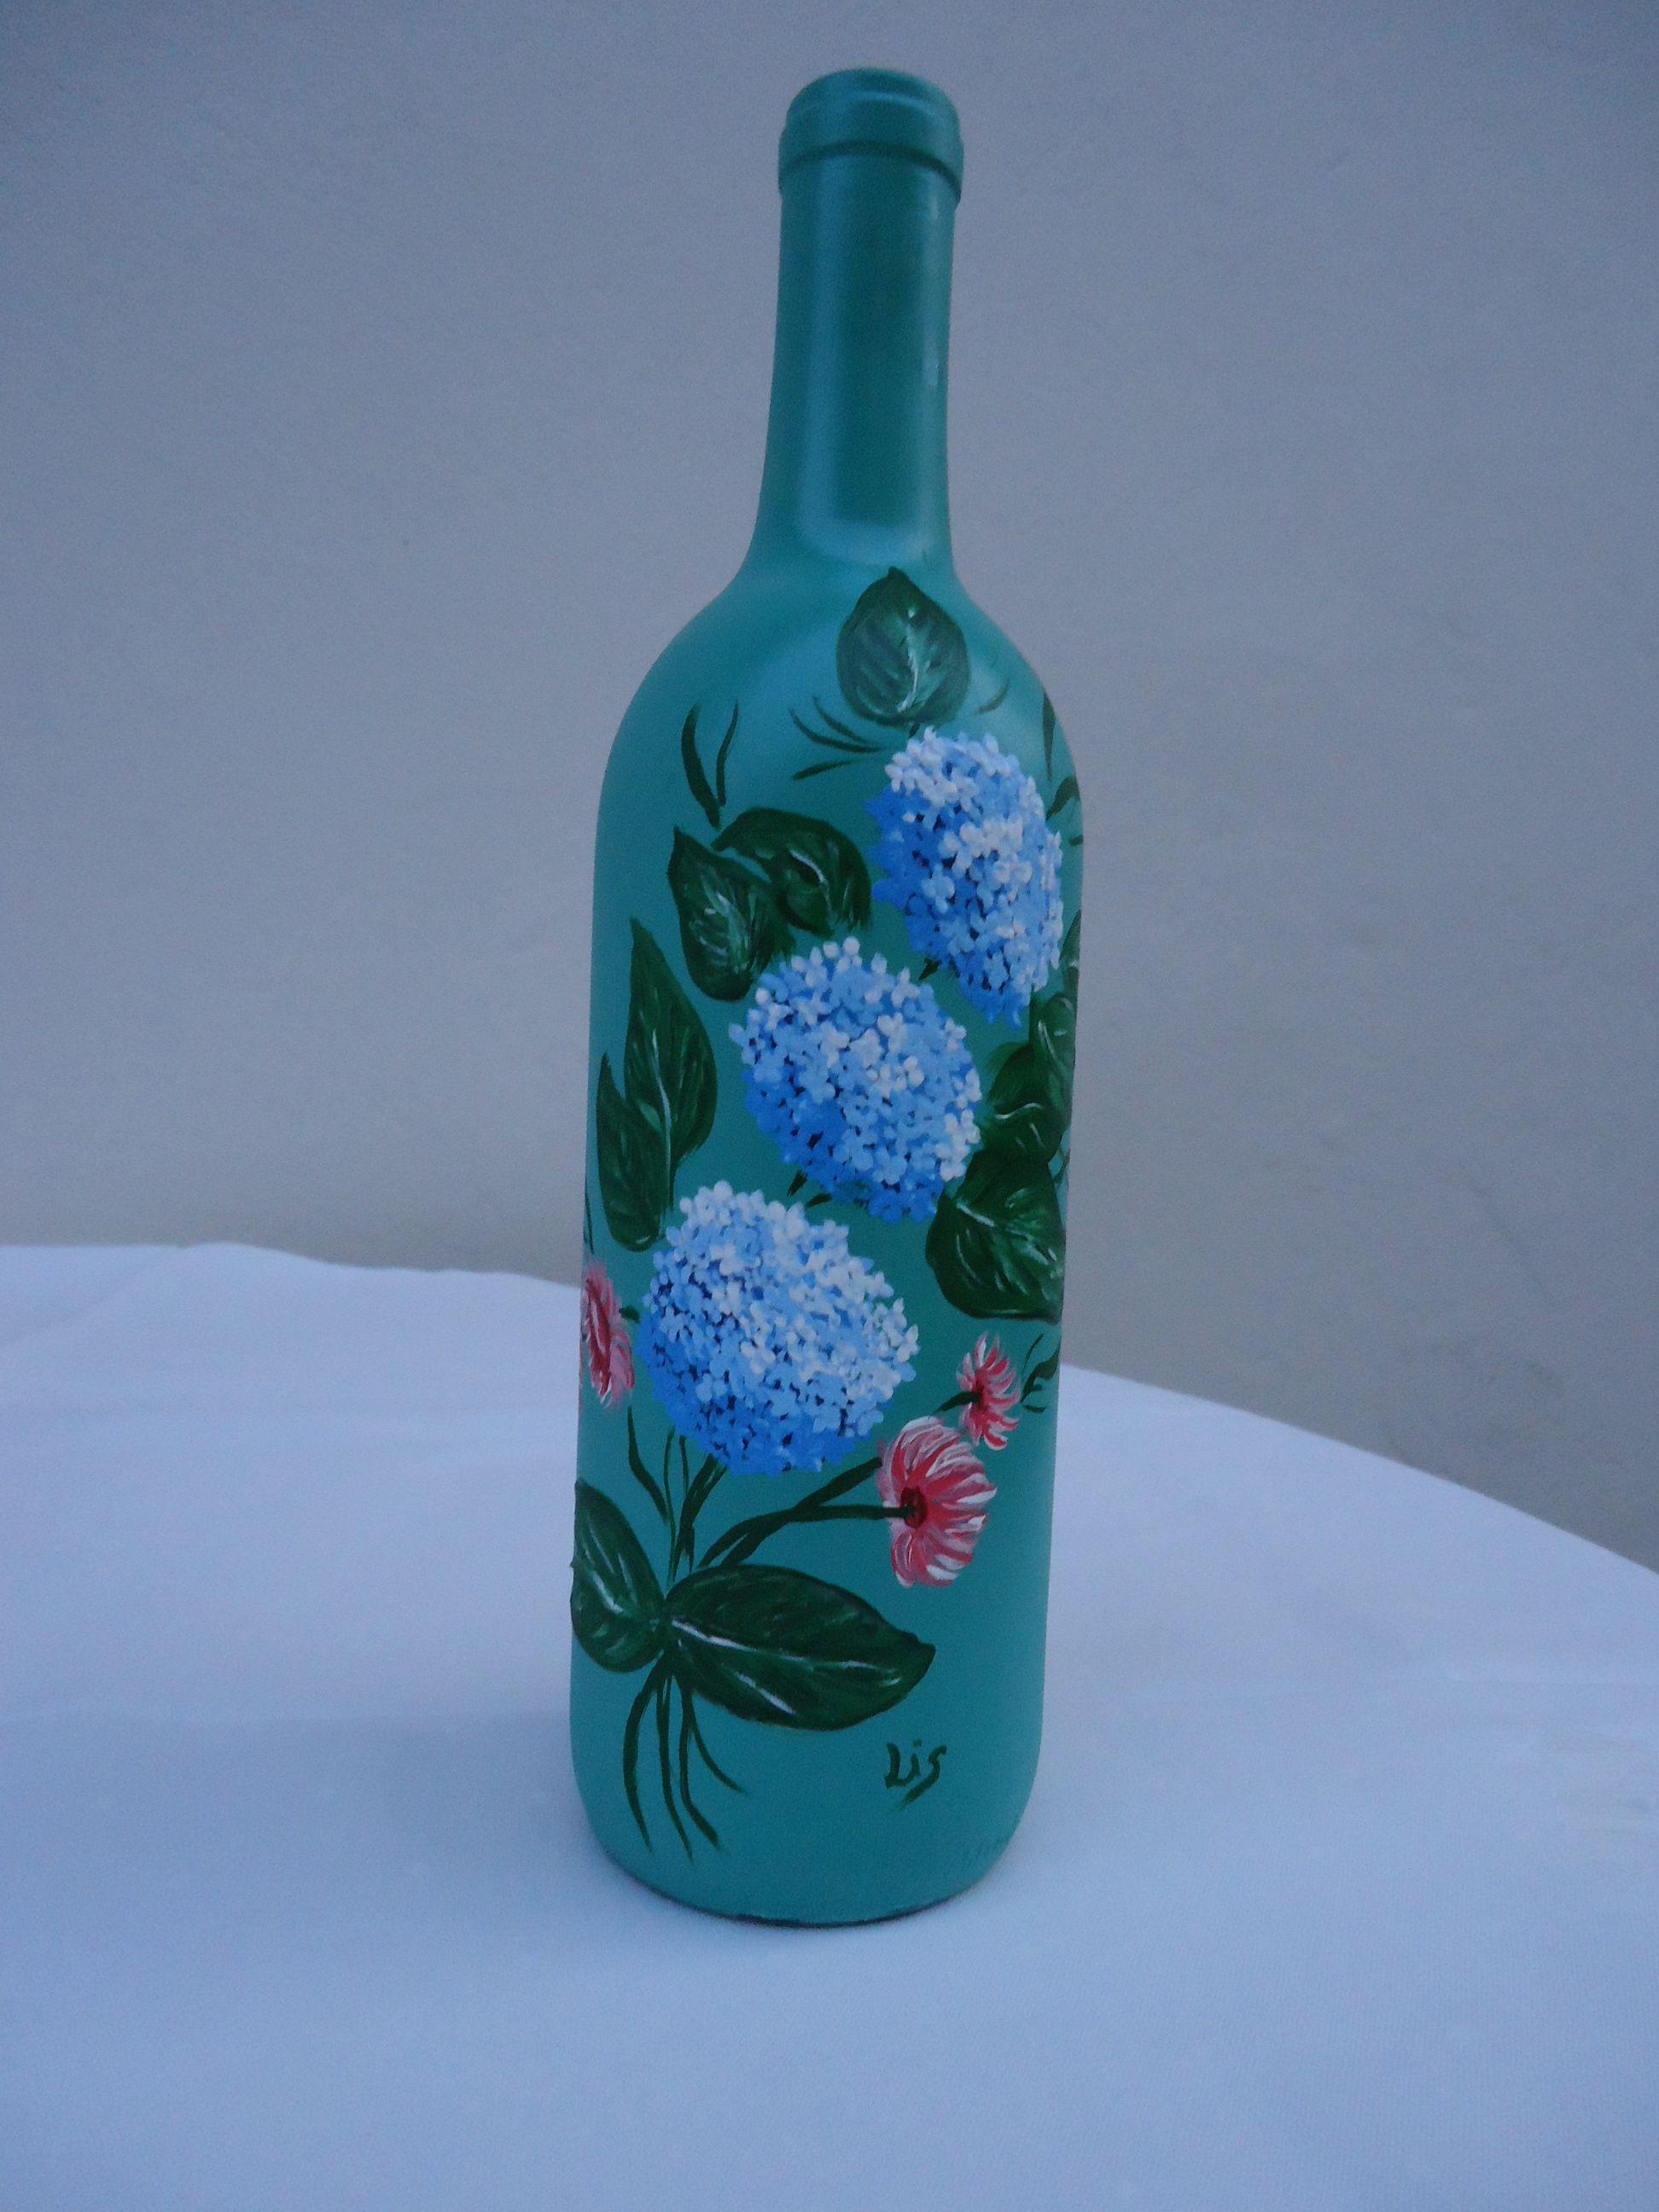 Garrafa Hortnsia pintada mo garrafas